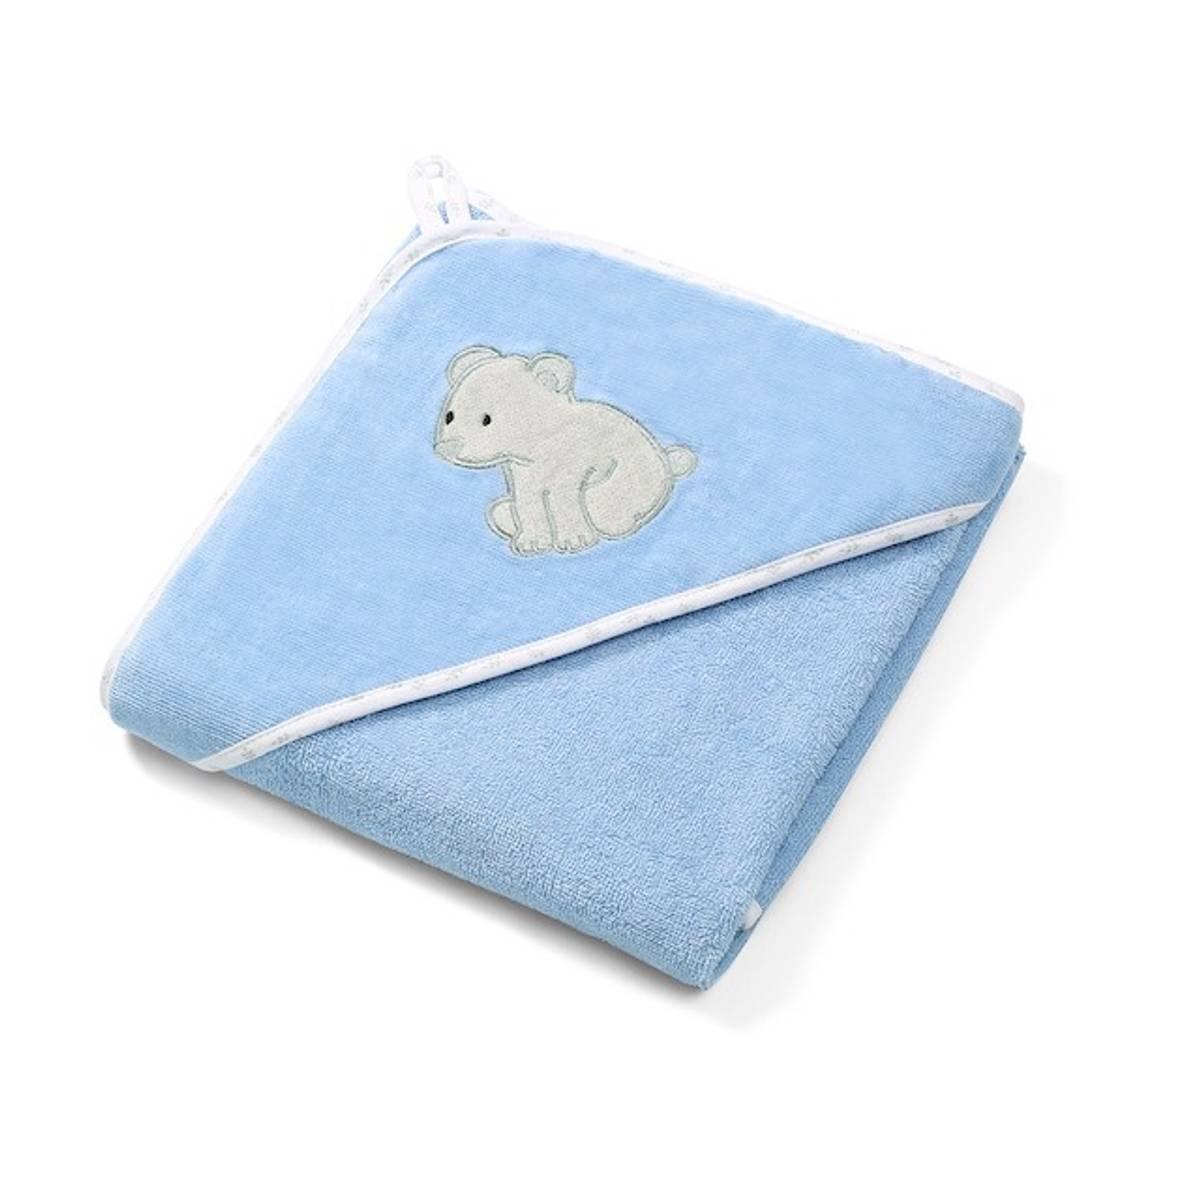 Babyono Hettehåndkle Soft Blå 85x85 cm.